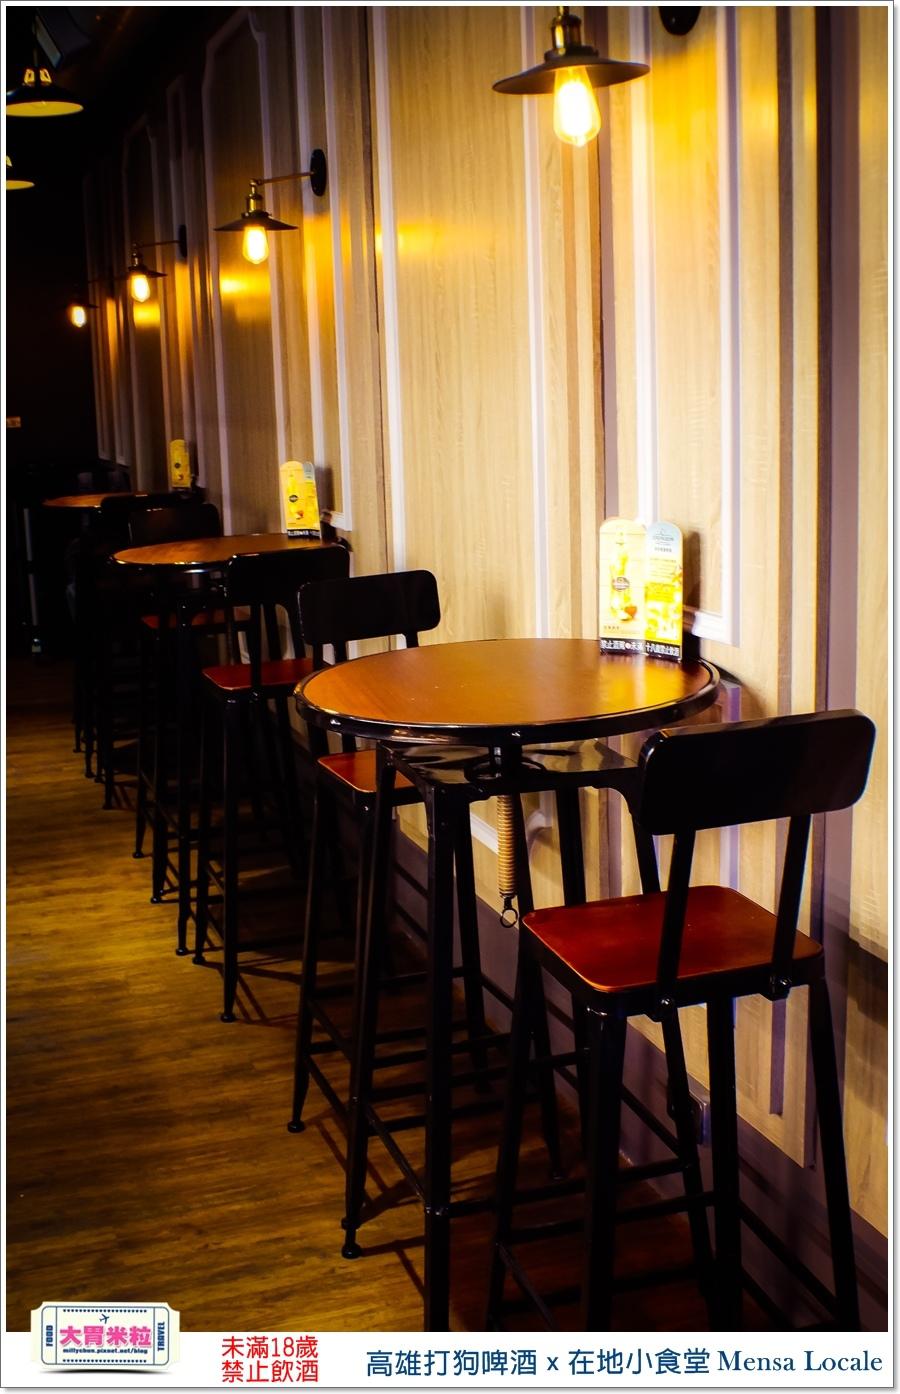 高雄打狗啤酒x在地小食堂Mensa Locale@大胃米粒00015.jpg